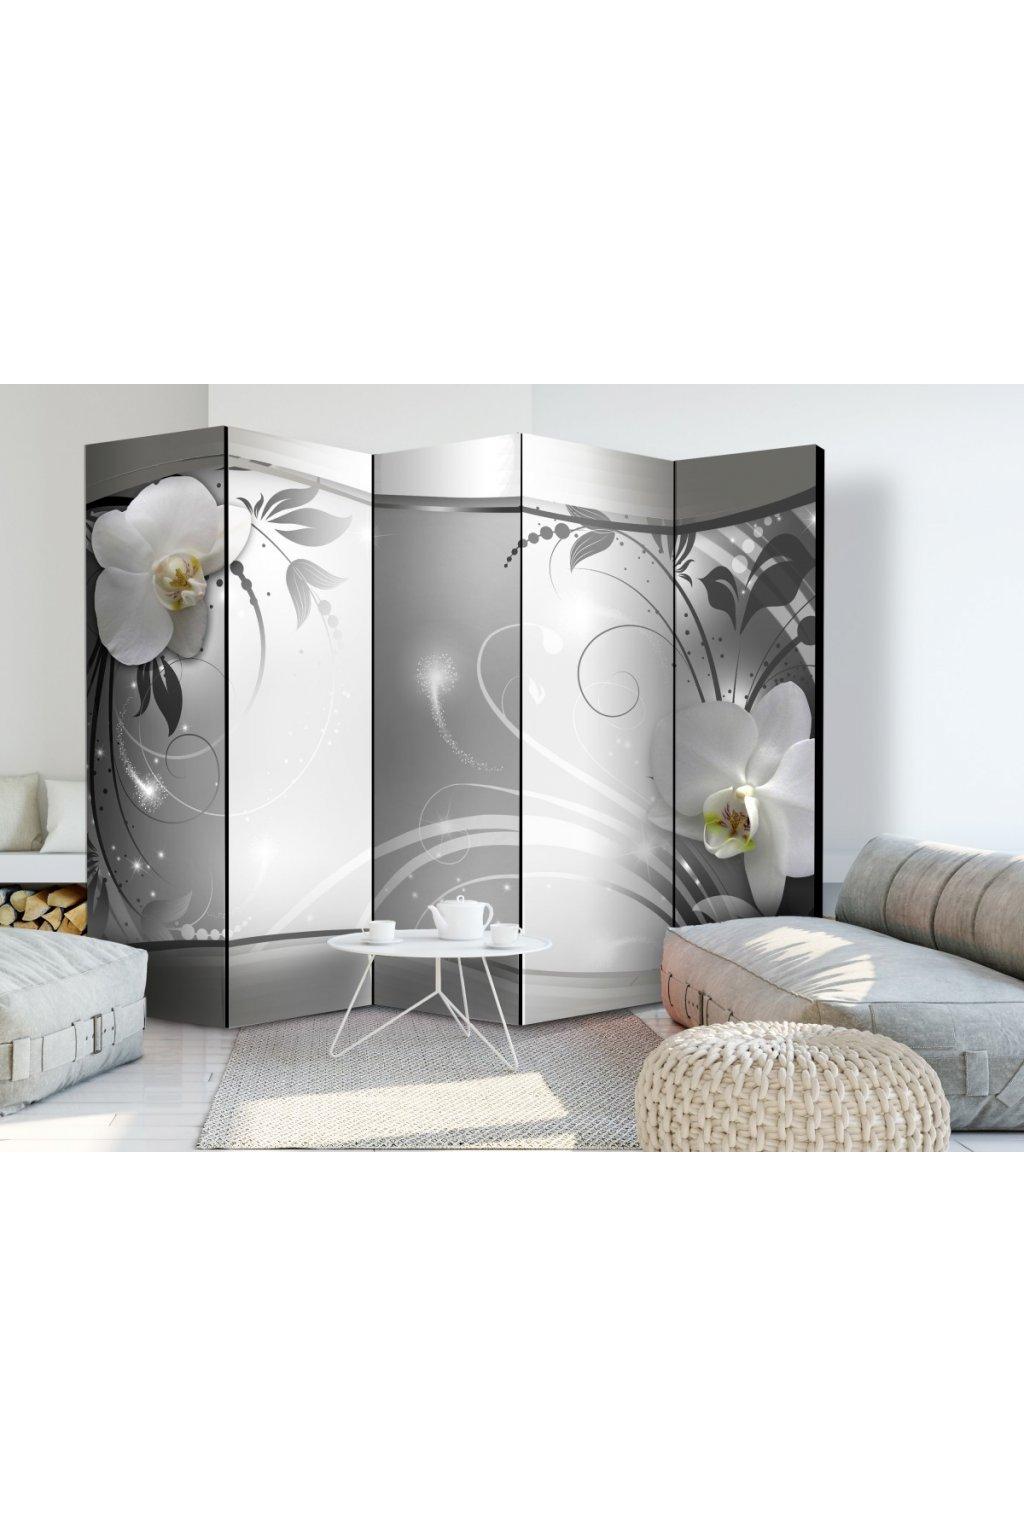 Murando DeLuxe Paraván støíbrná abstrakce II Samolepicí tapety  225x172 cm - zvìtšit obrázek